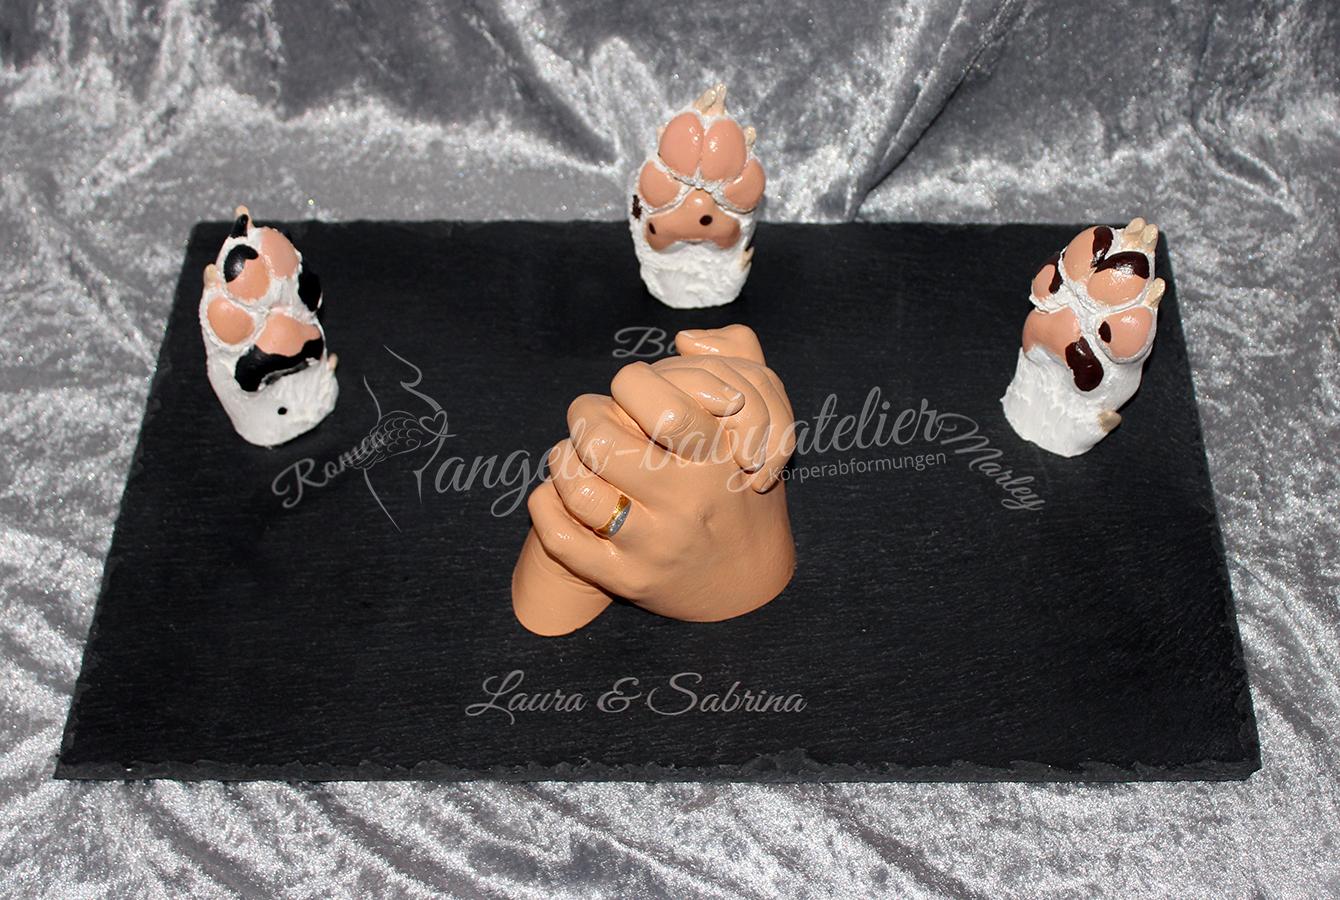 3 D Hundepfoten Dalmatiner mit Geschwisterhand